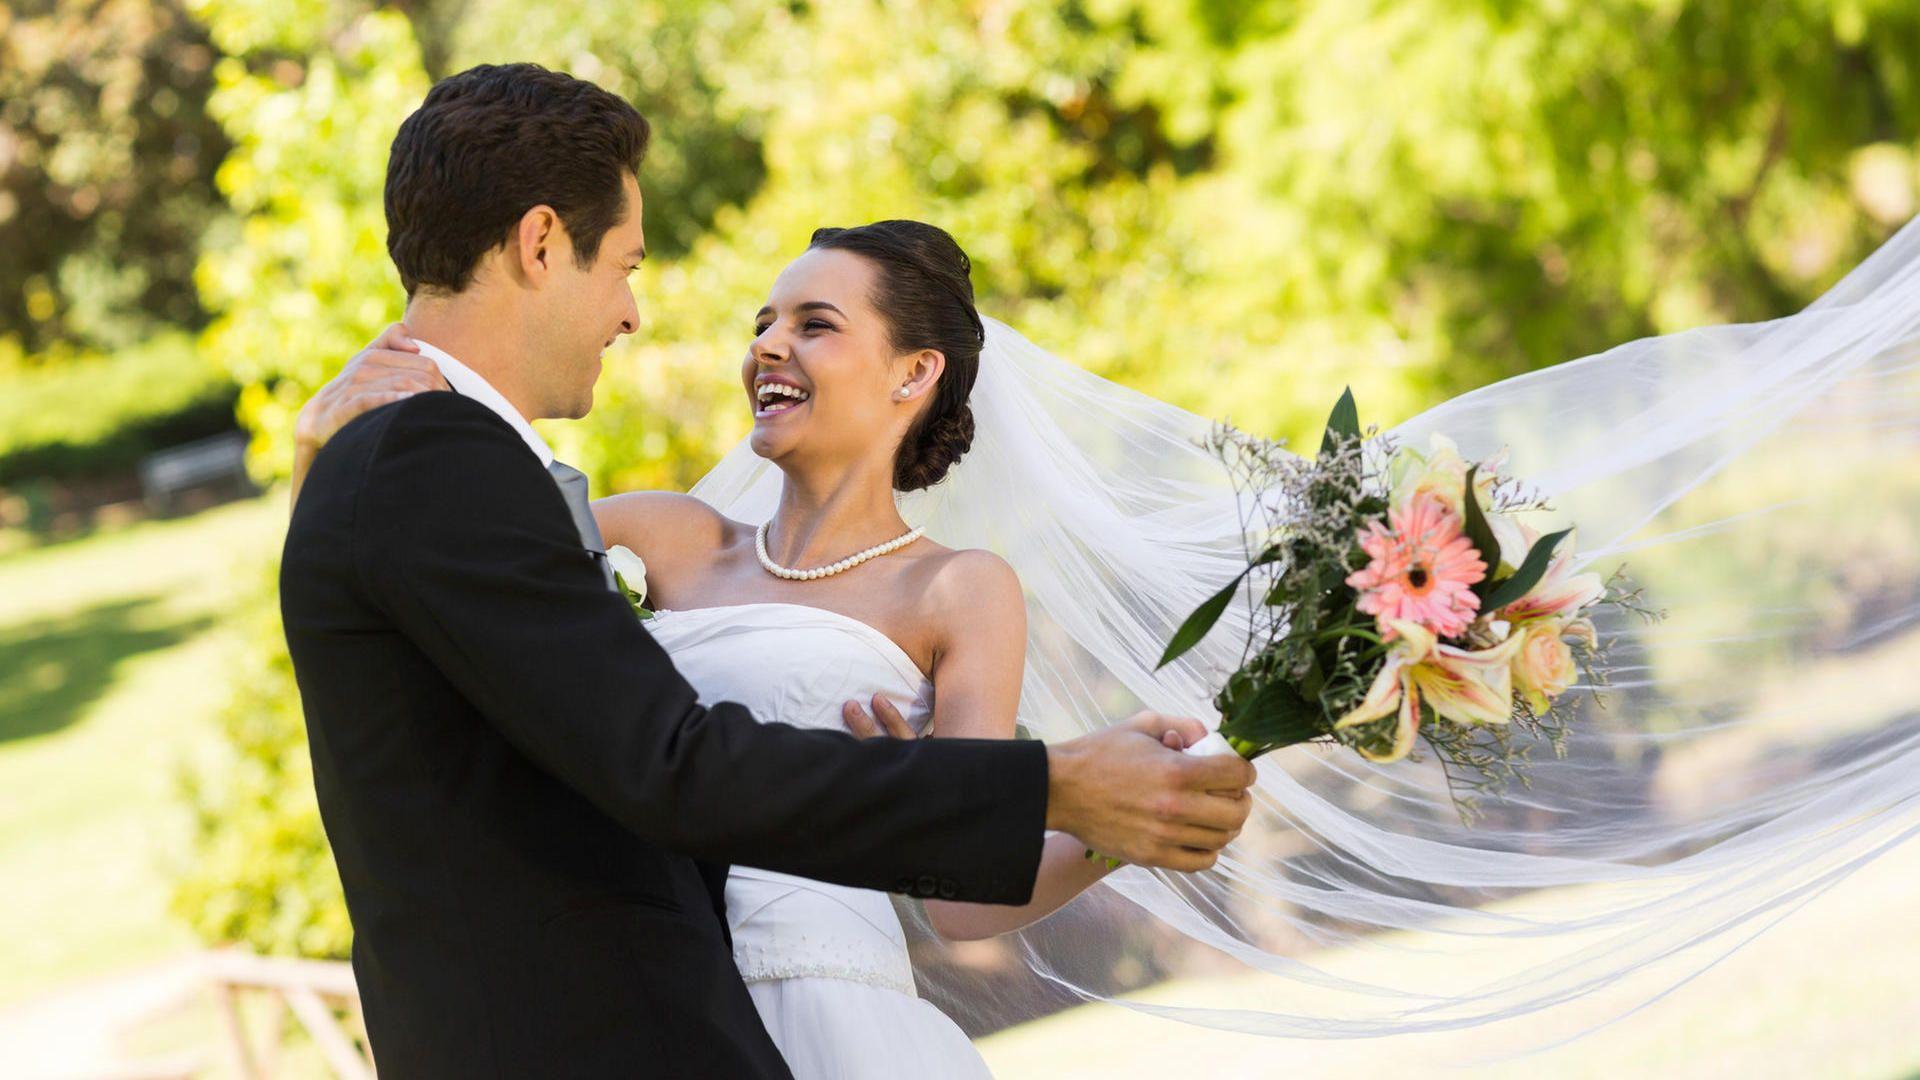 Wann Sie Ein Recht Auf Sonderurlaub Haben Hochzeit Brauche Hochzeit Hochzeit Mit Kleinem Budget